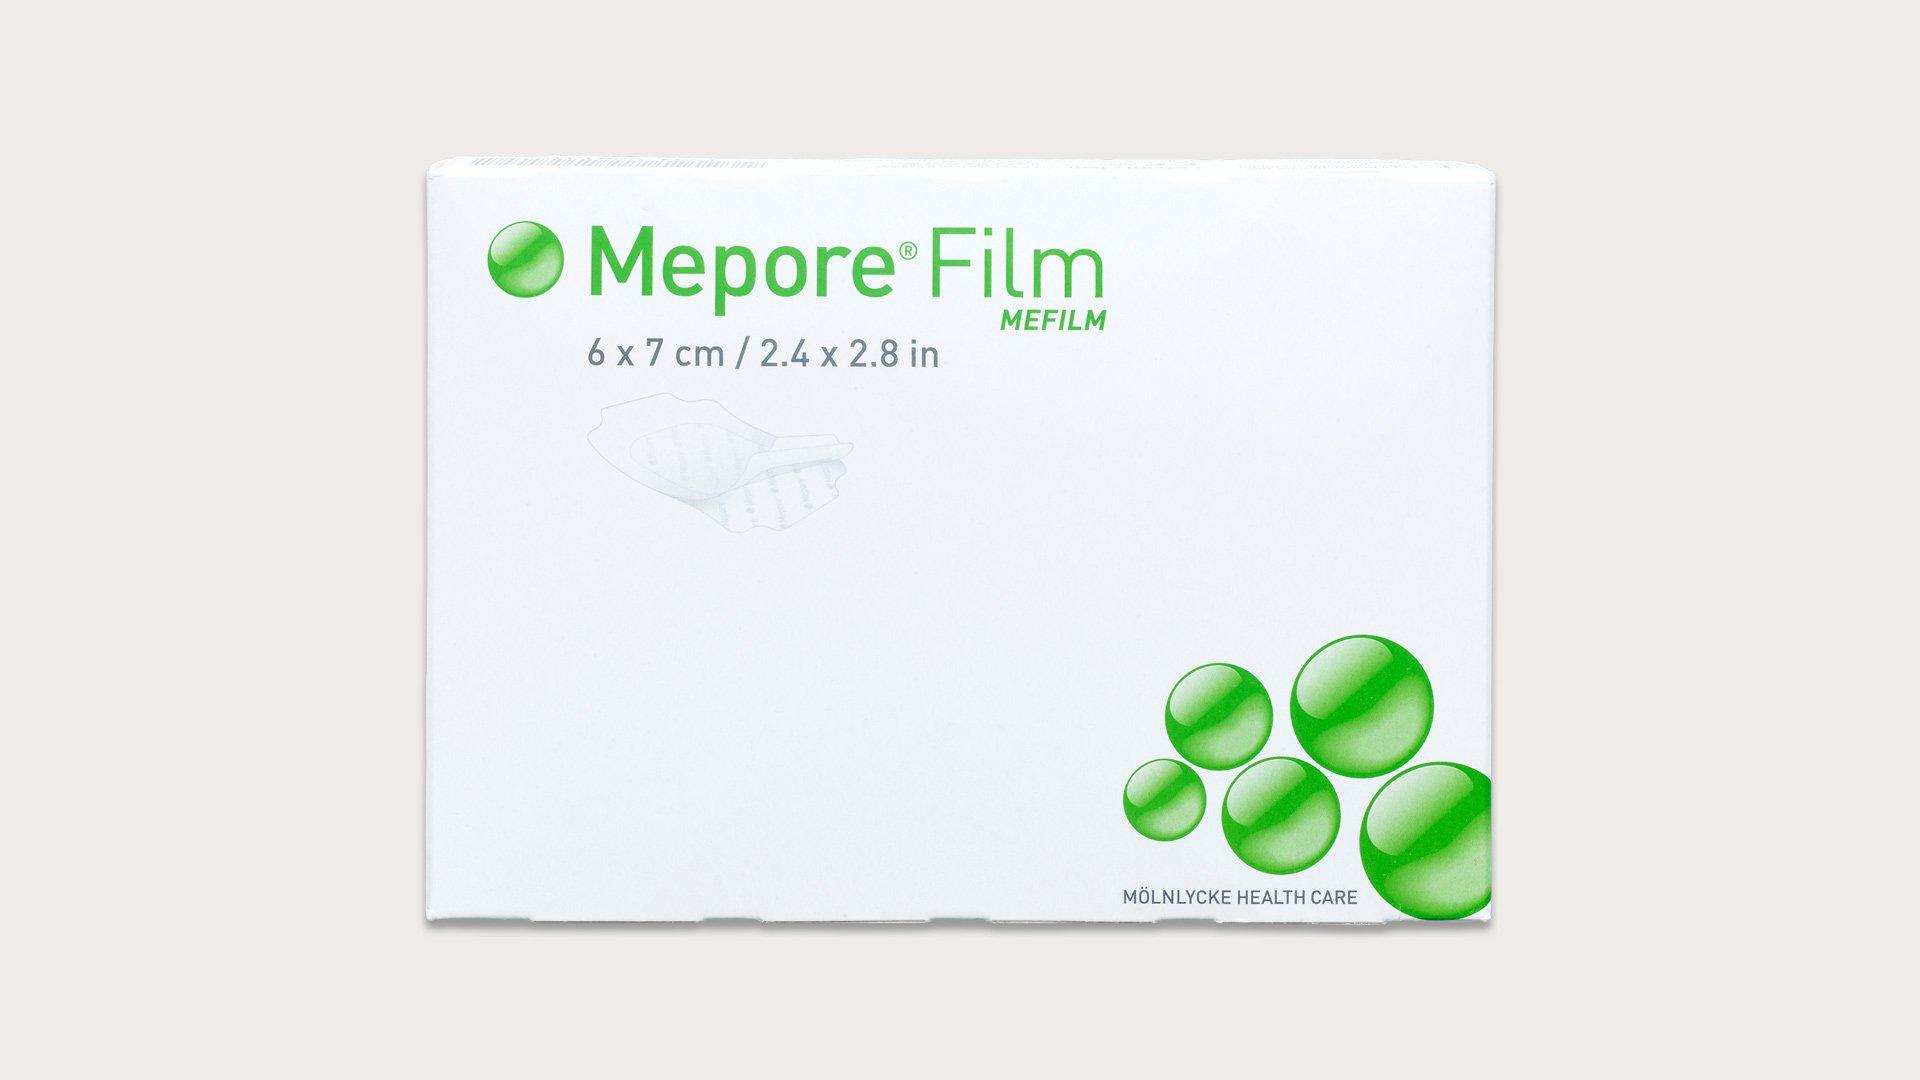 Mepore Film image